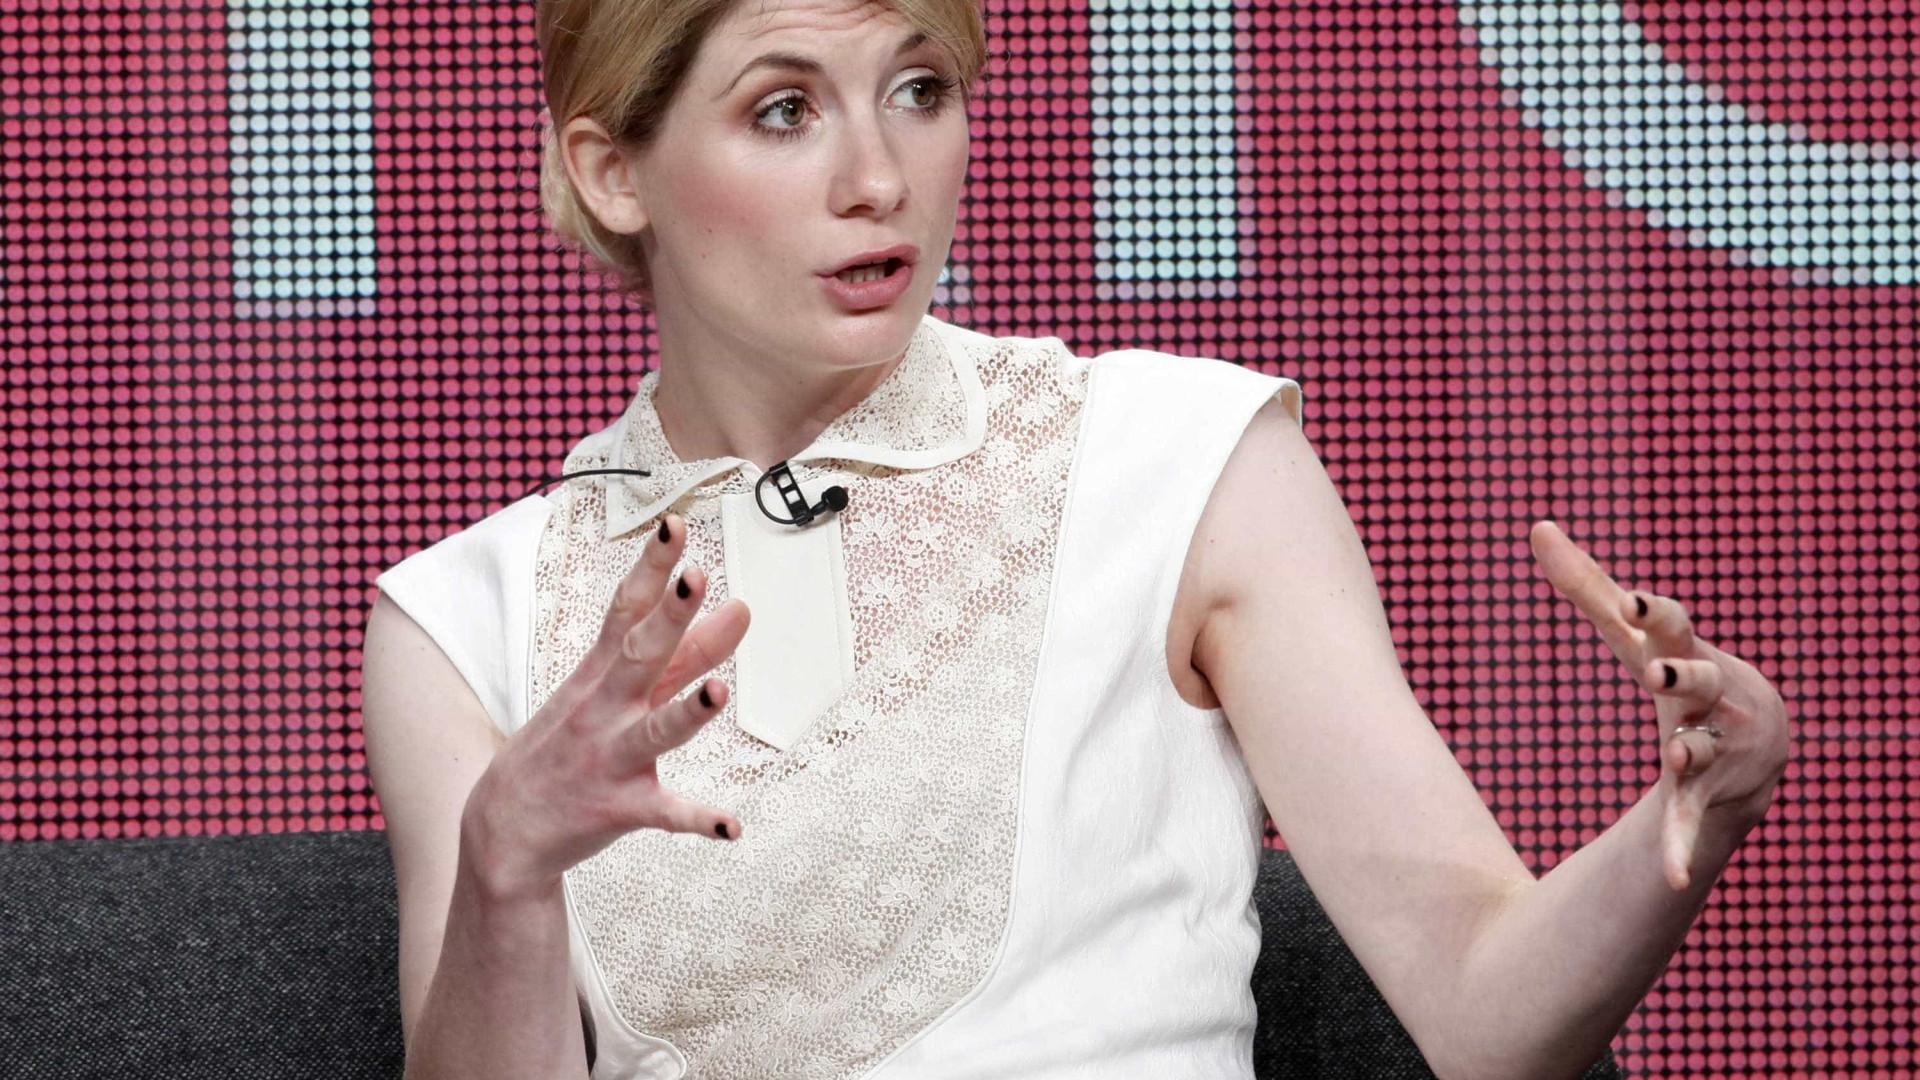 Série 'Doctor Who' terá primeira  protagonista mulher